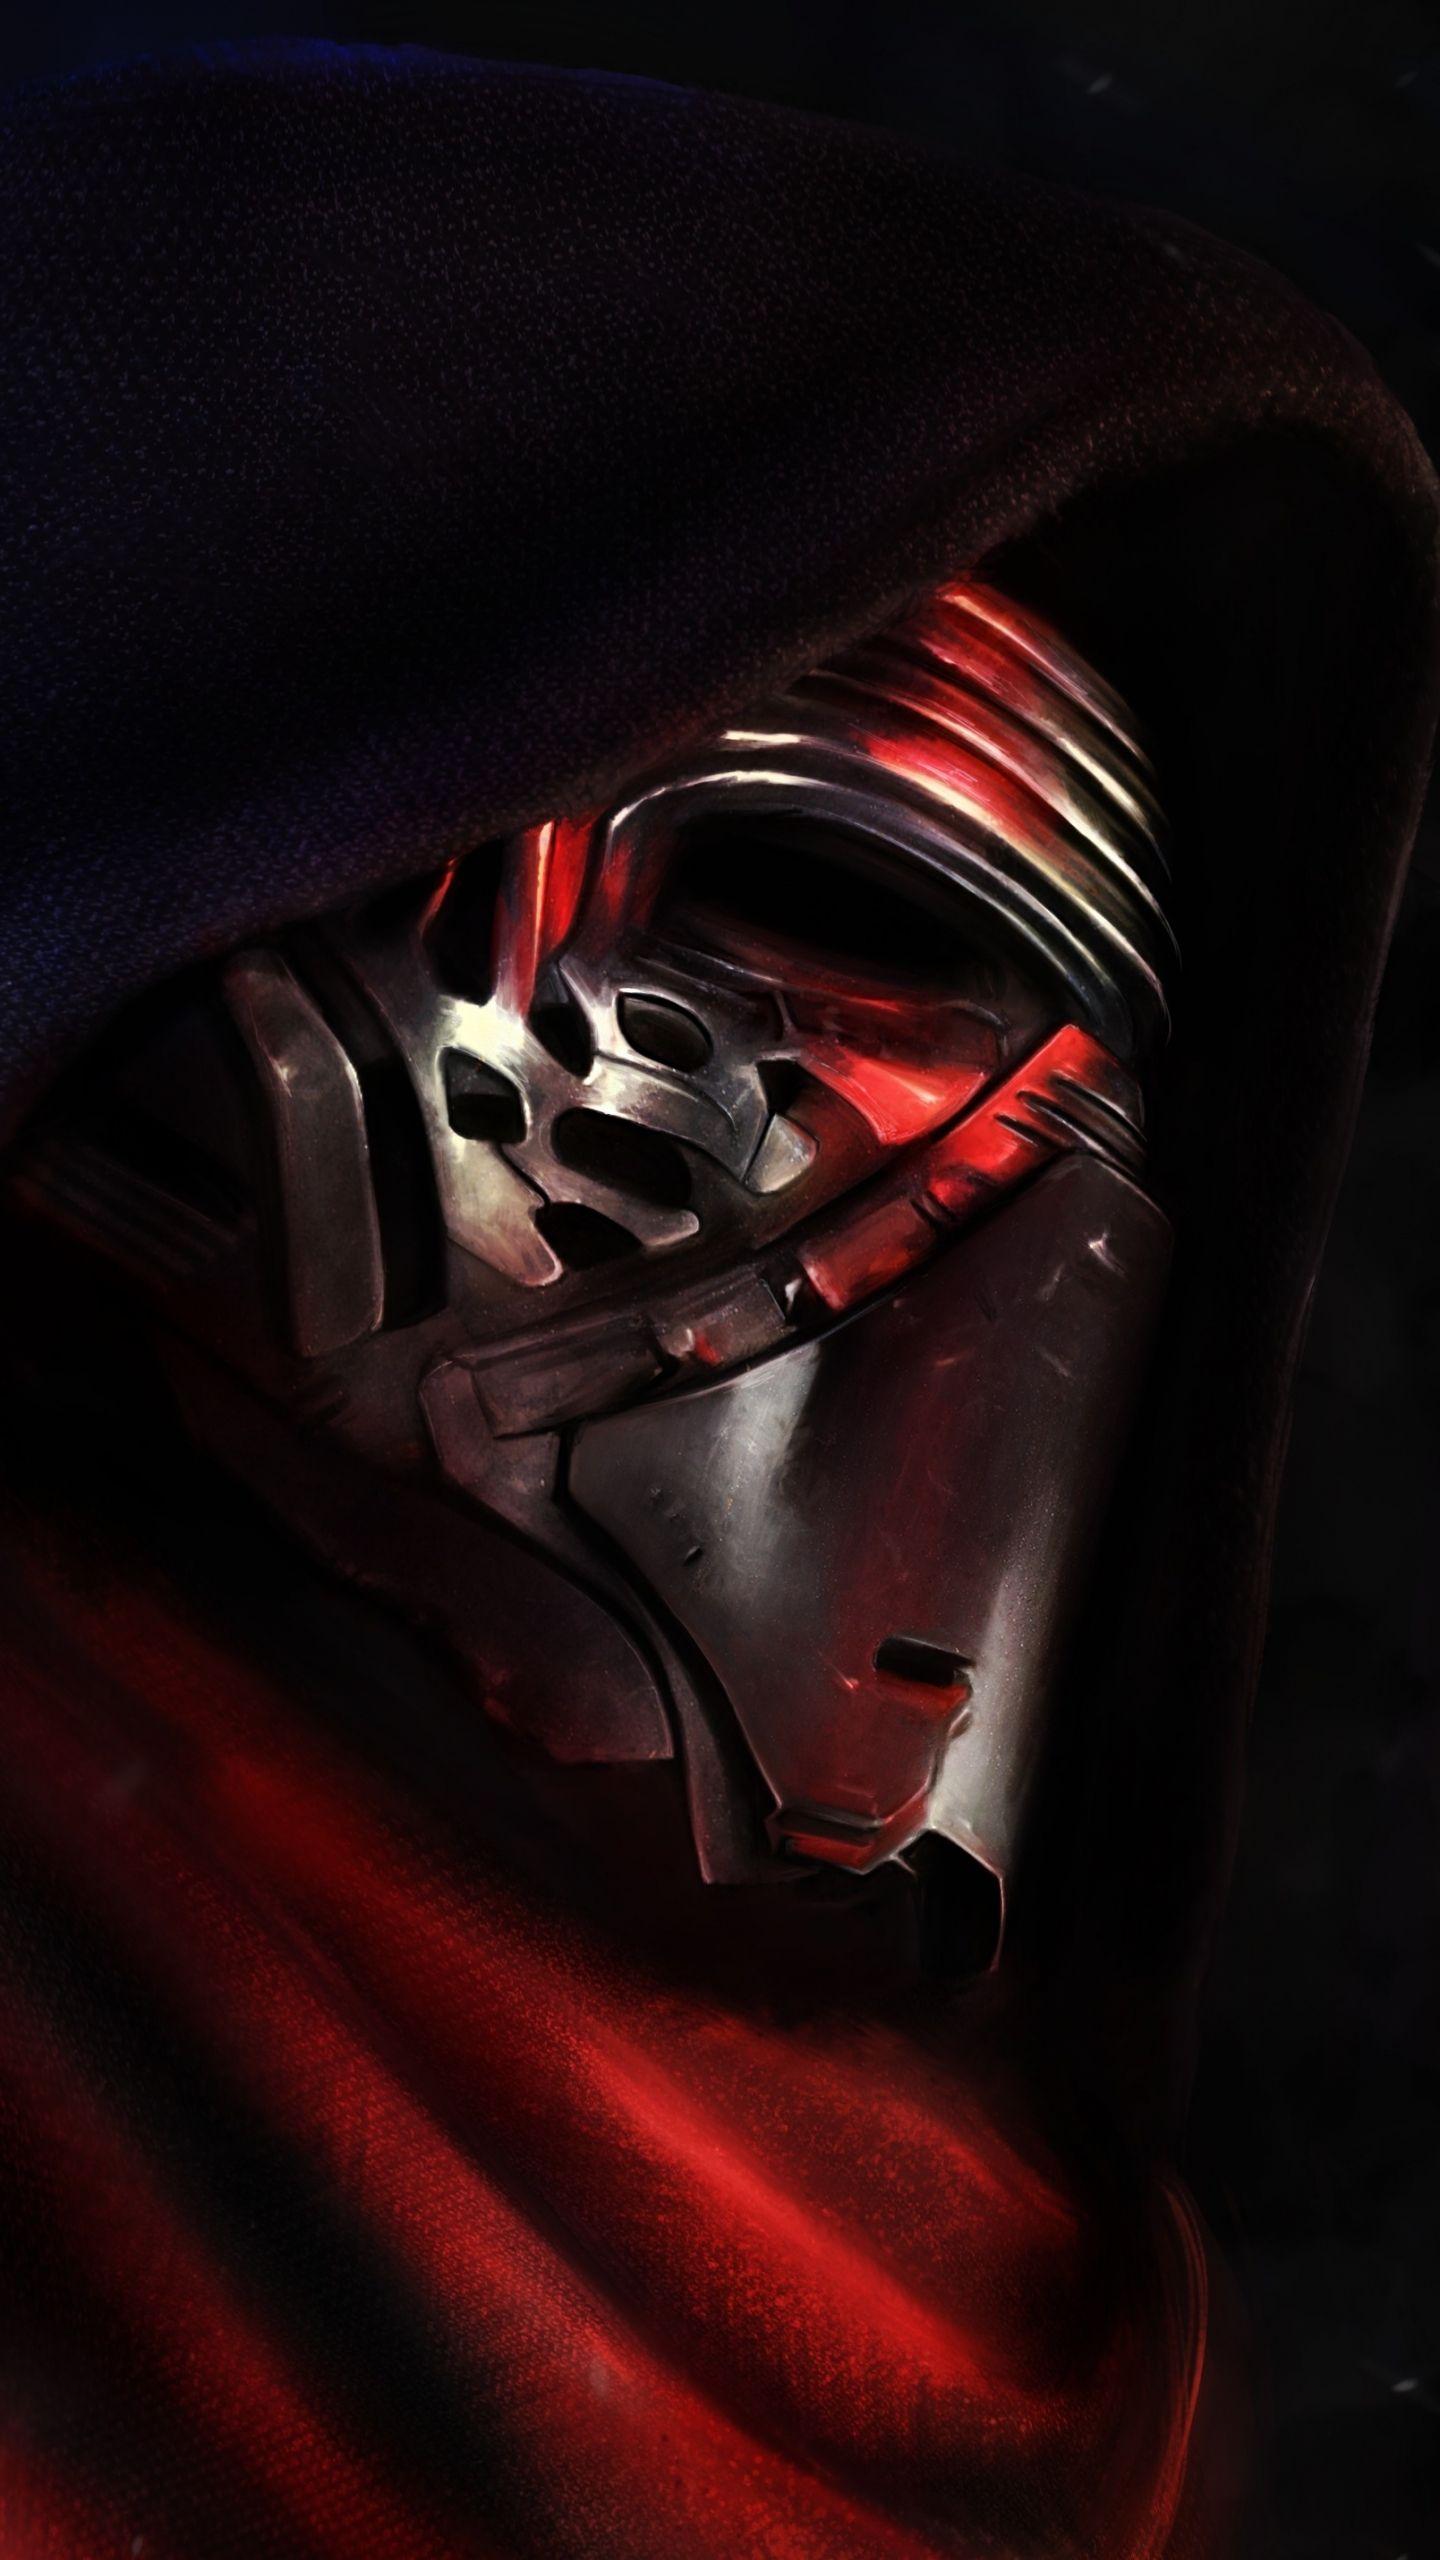 Movie Star Wars Episode VII The Force Awakens Star Wars